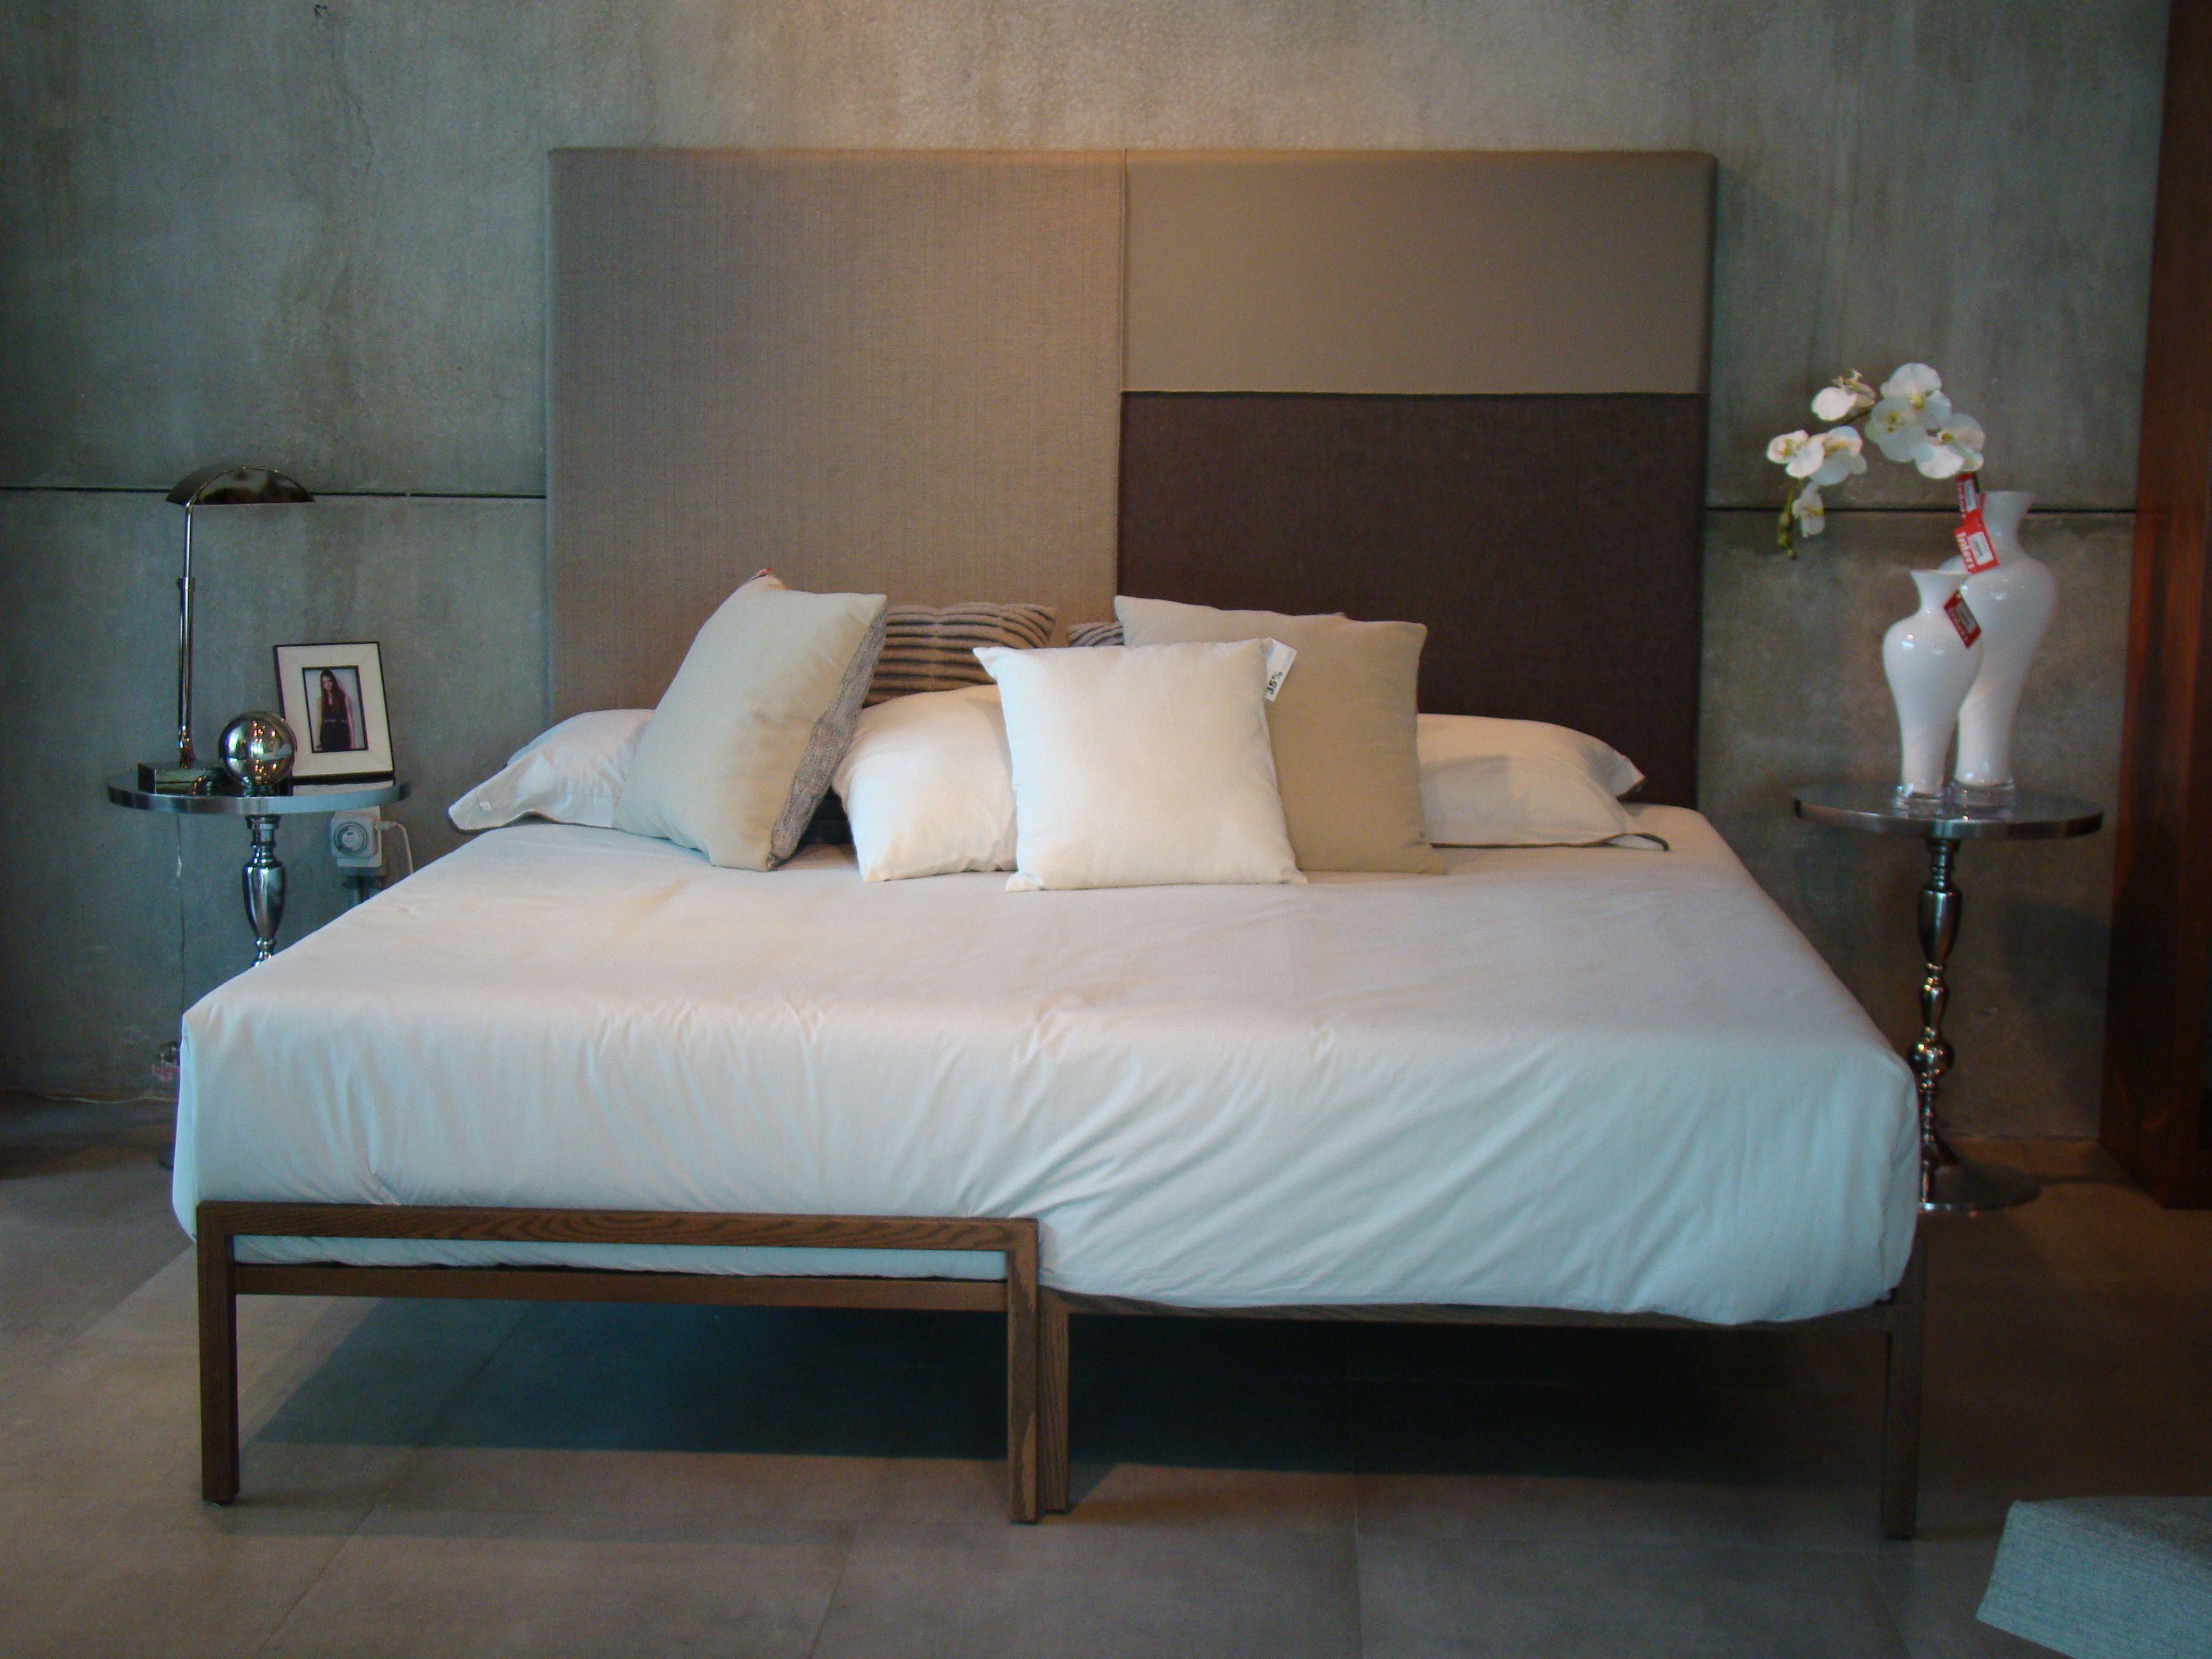 Cama W2 Cabecera tapizada en tela y piel, base de madera de roble ...